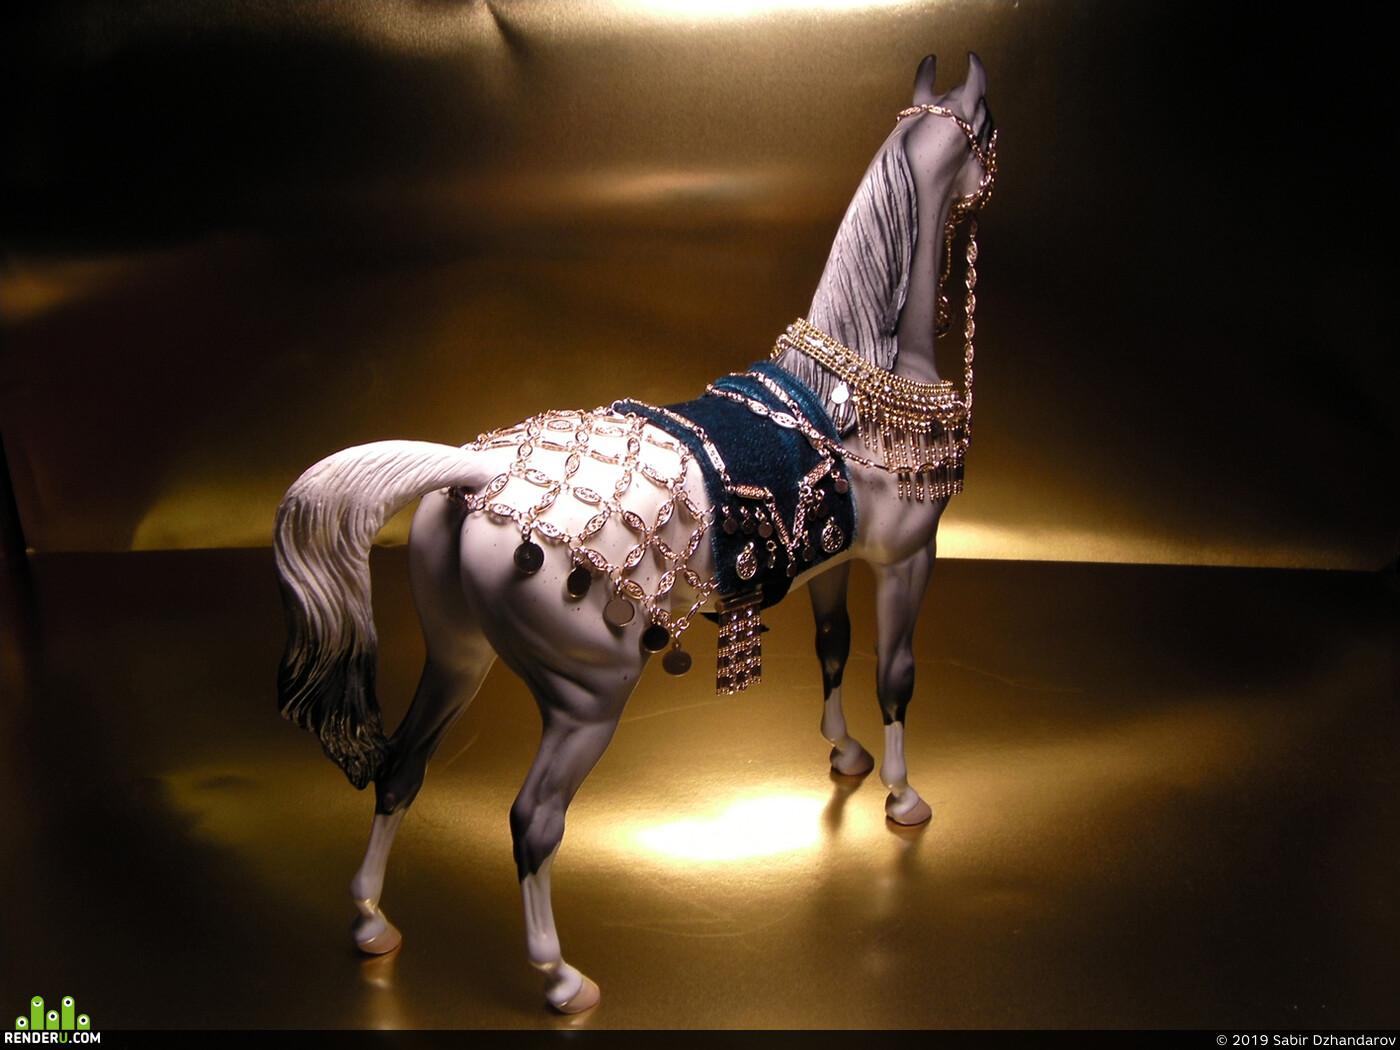 сбруя, Конь, упряжь, седло, султан